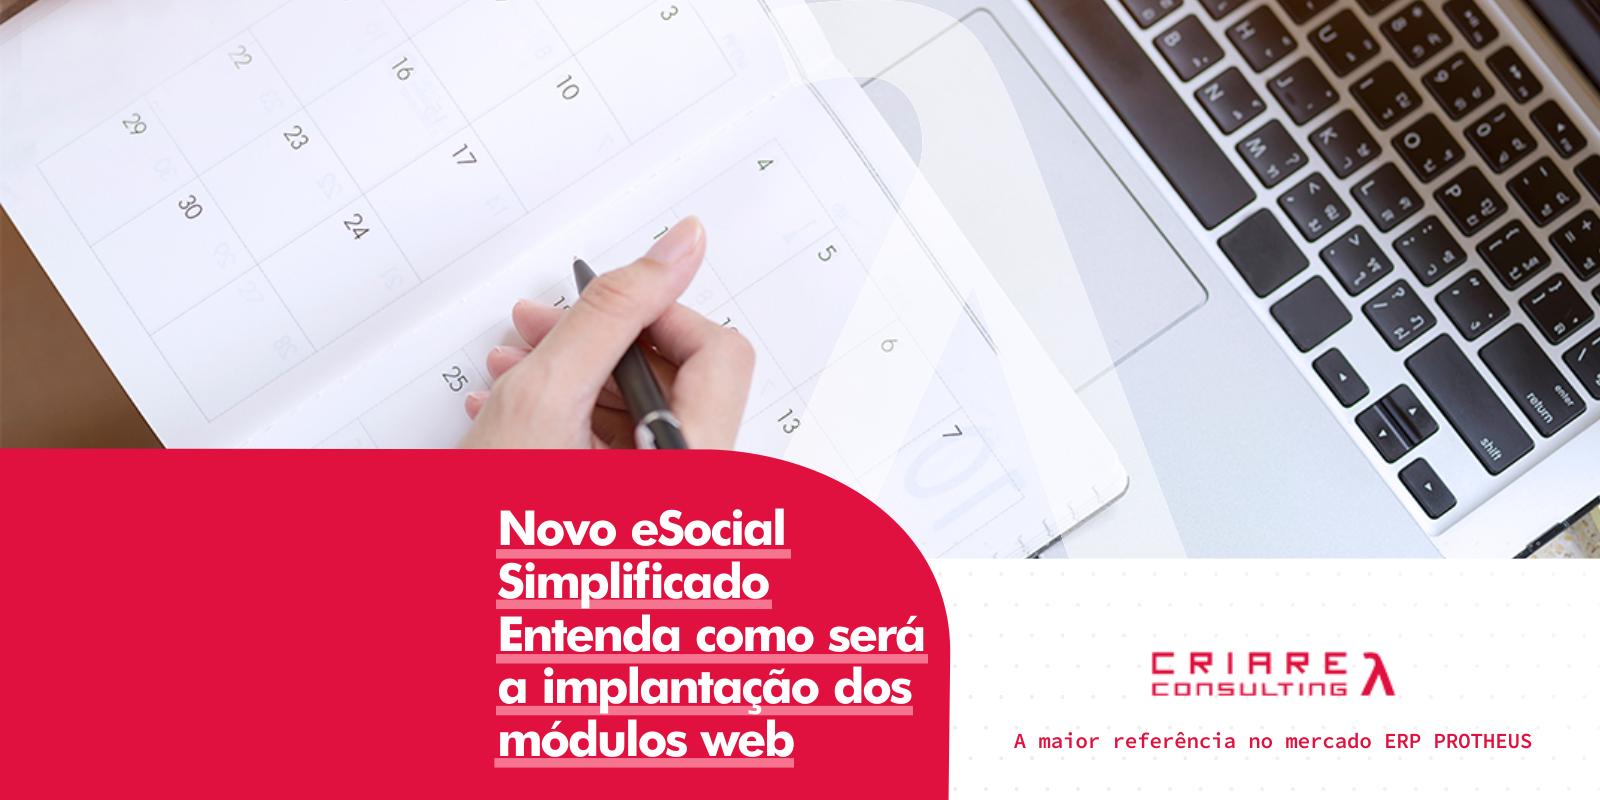 Novo eSocial Simplificado